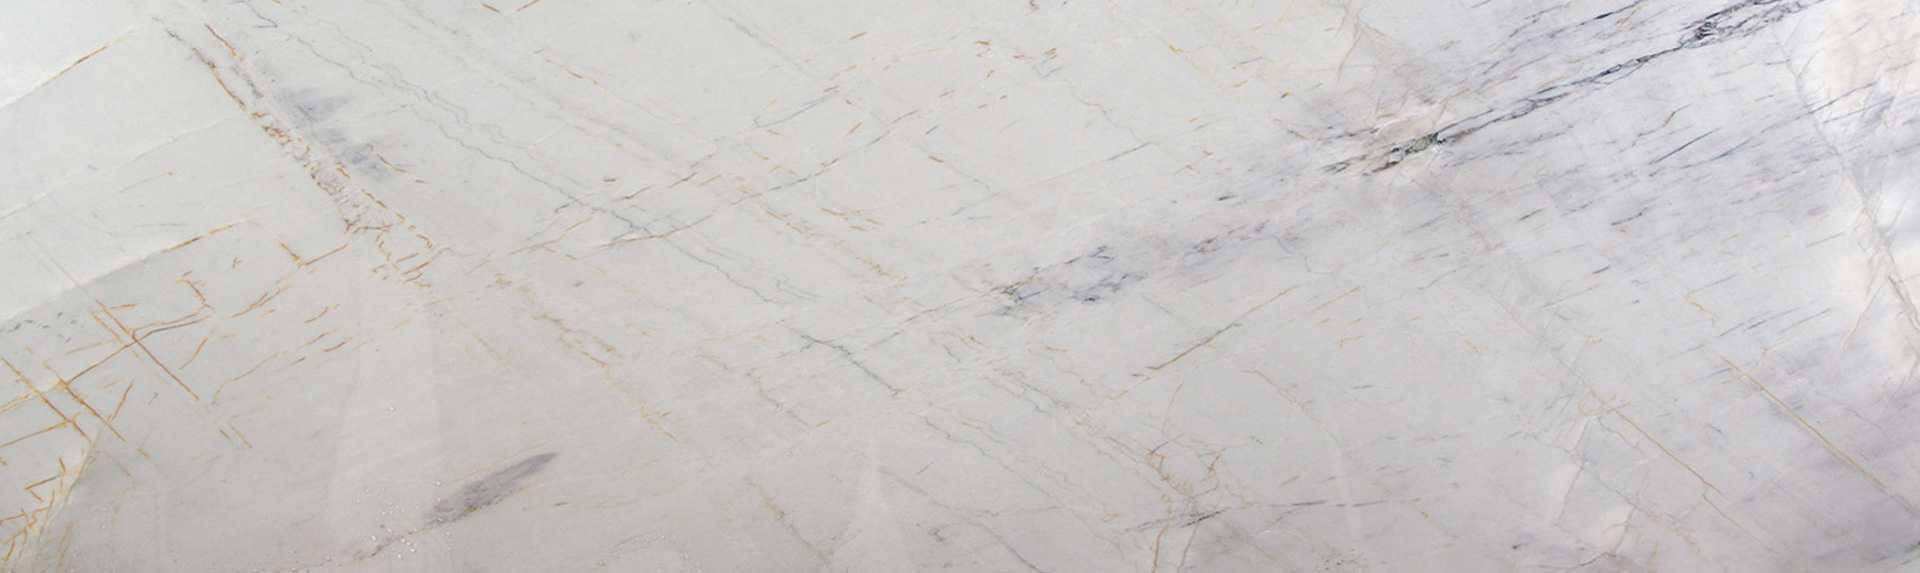 All Marble Granite & Tile